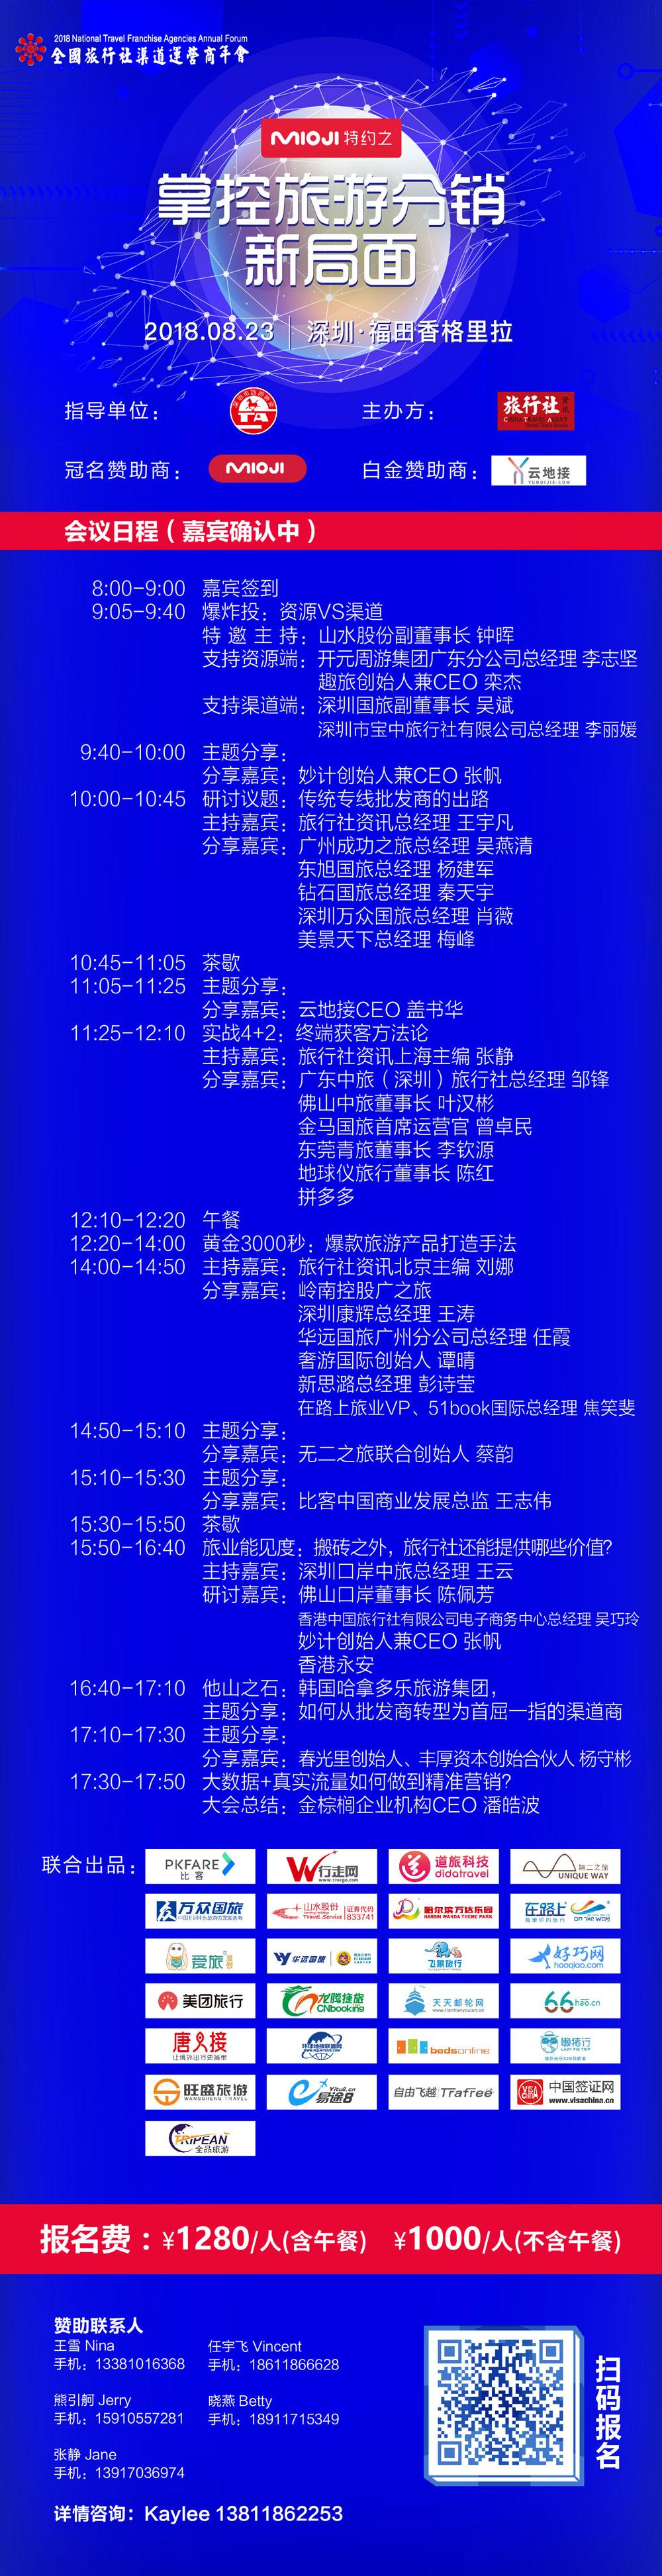 2018全国旅行社渠道运营商年会将于深圳启幕